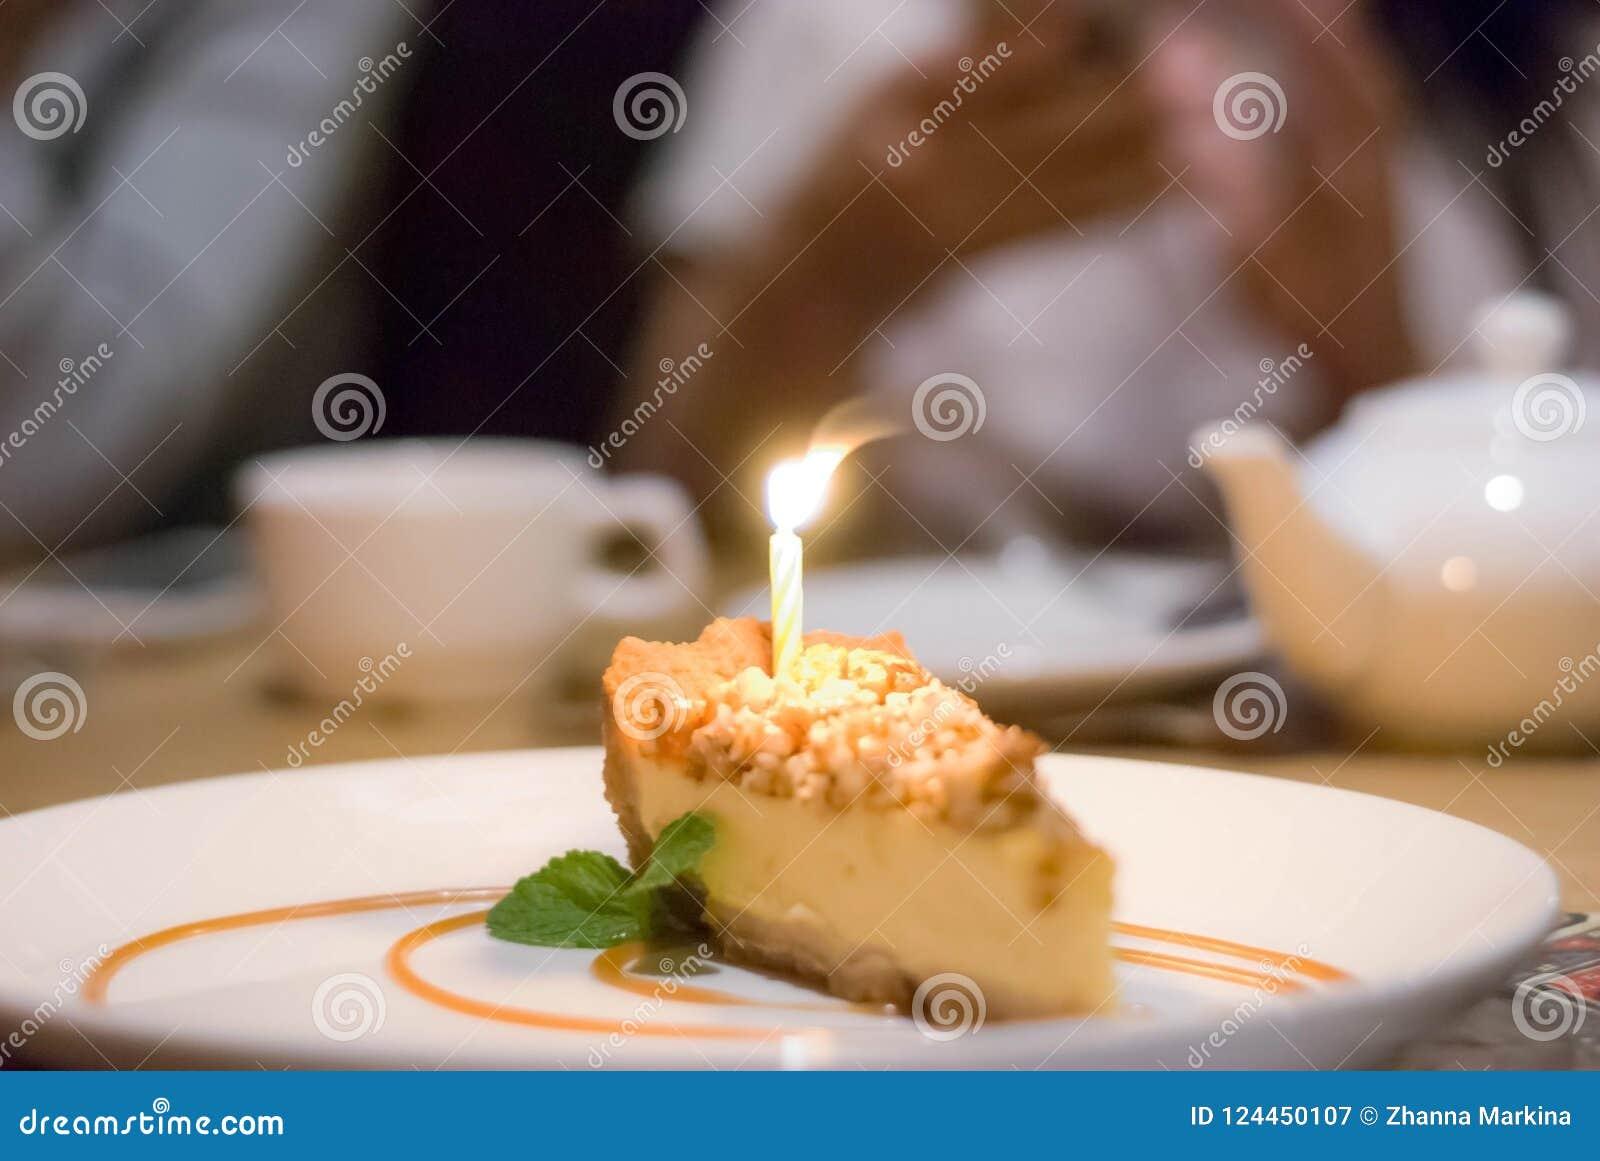 Eine Scheibe des Käsekuchens mit einer brennenden Kerze für einen Geburtstag